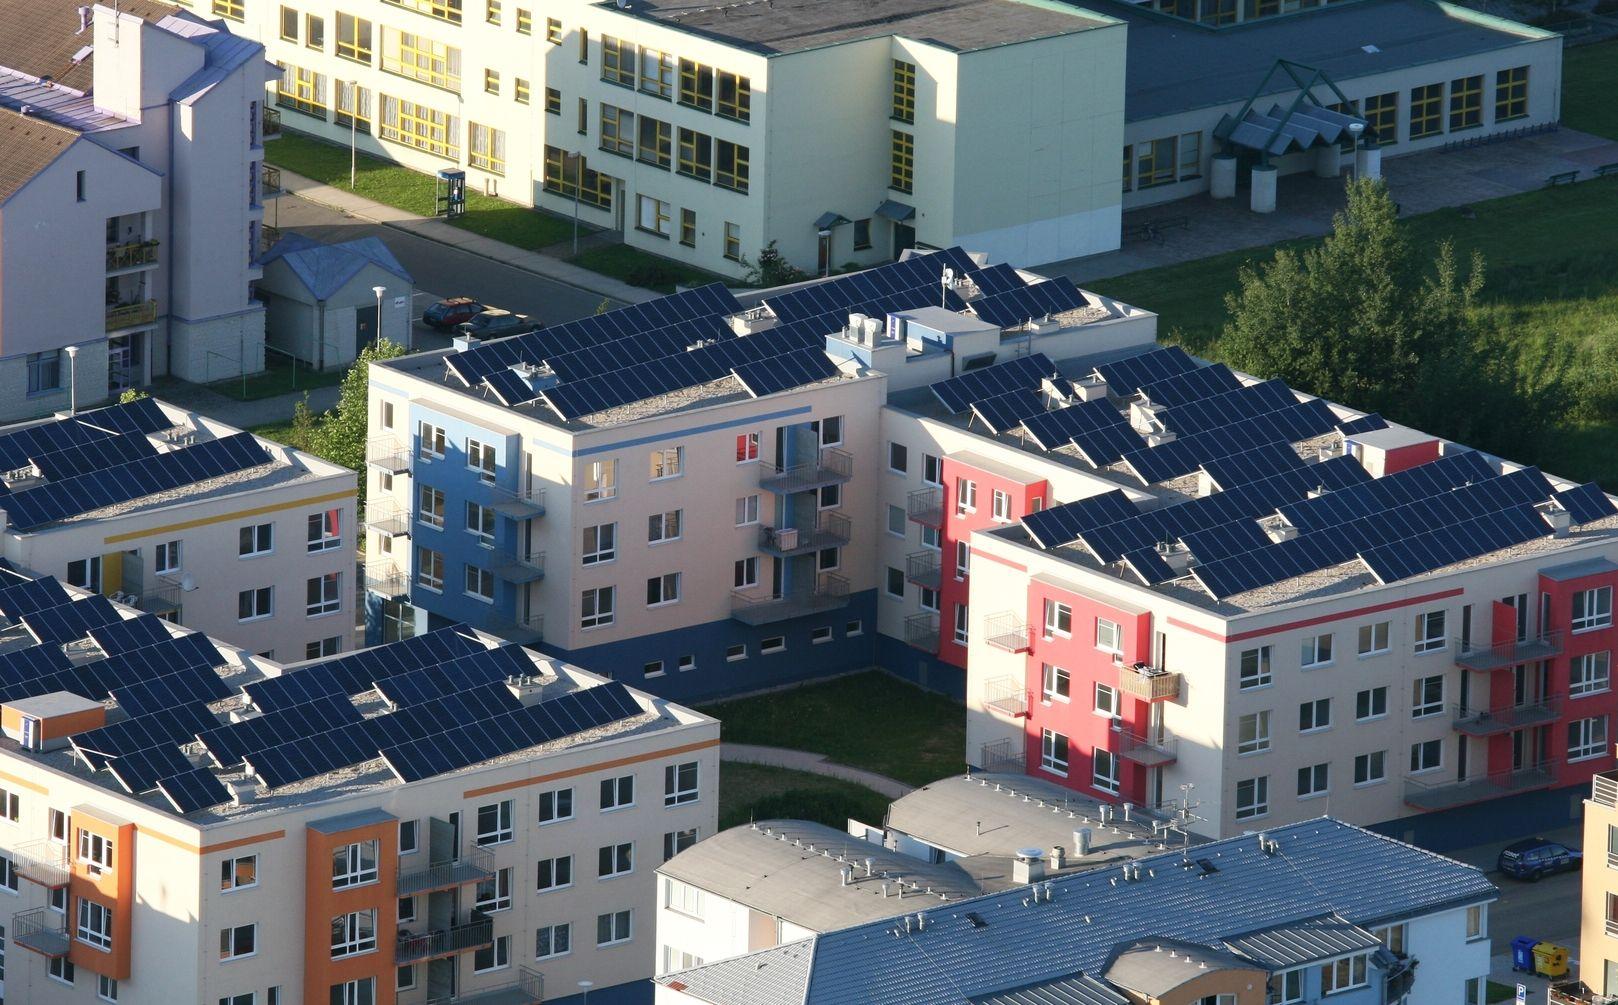 Instalación de puntos de recarga para vehículos eléctricos – Ayudas para movilidad sostenible